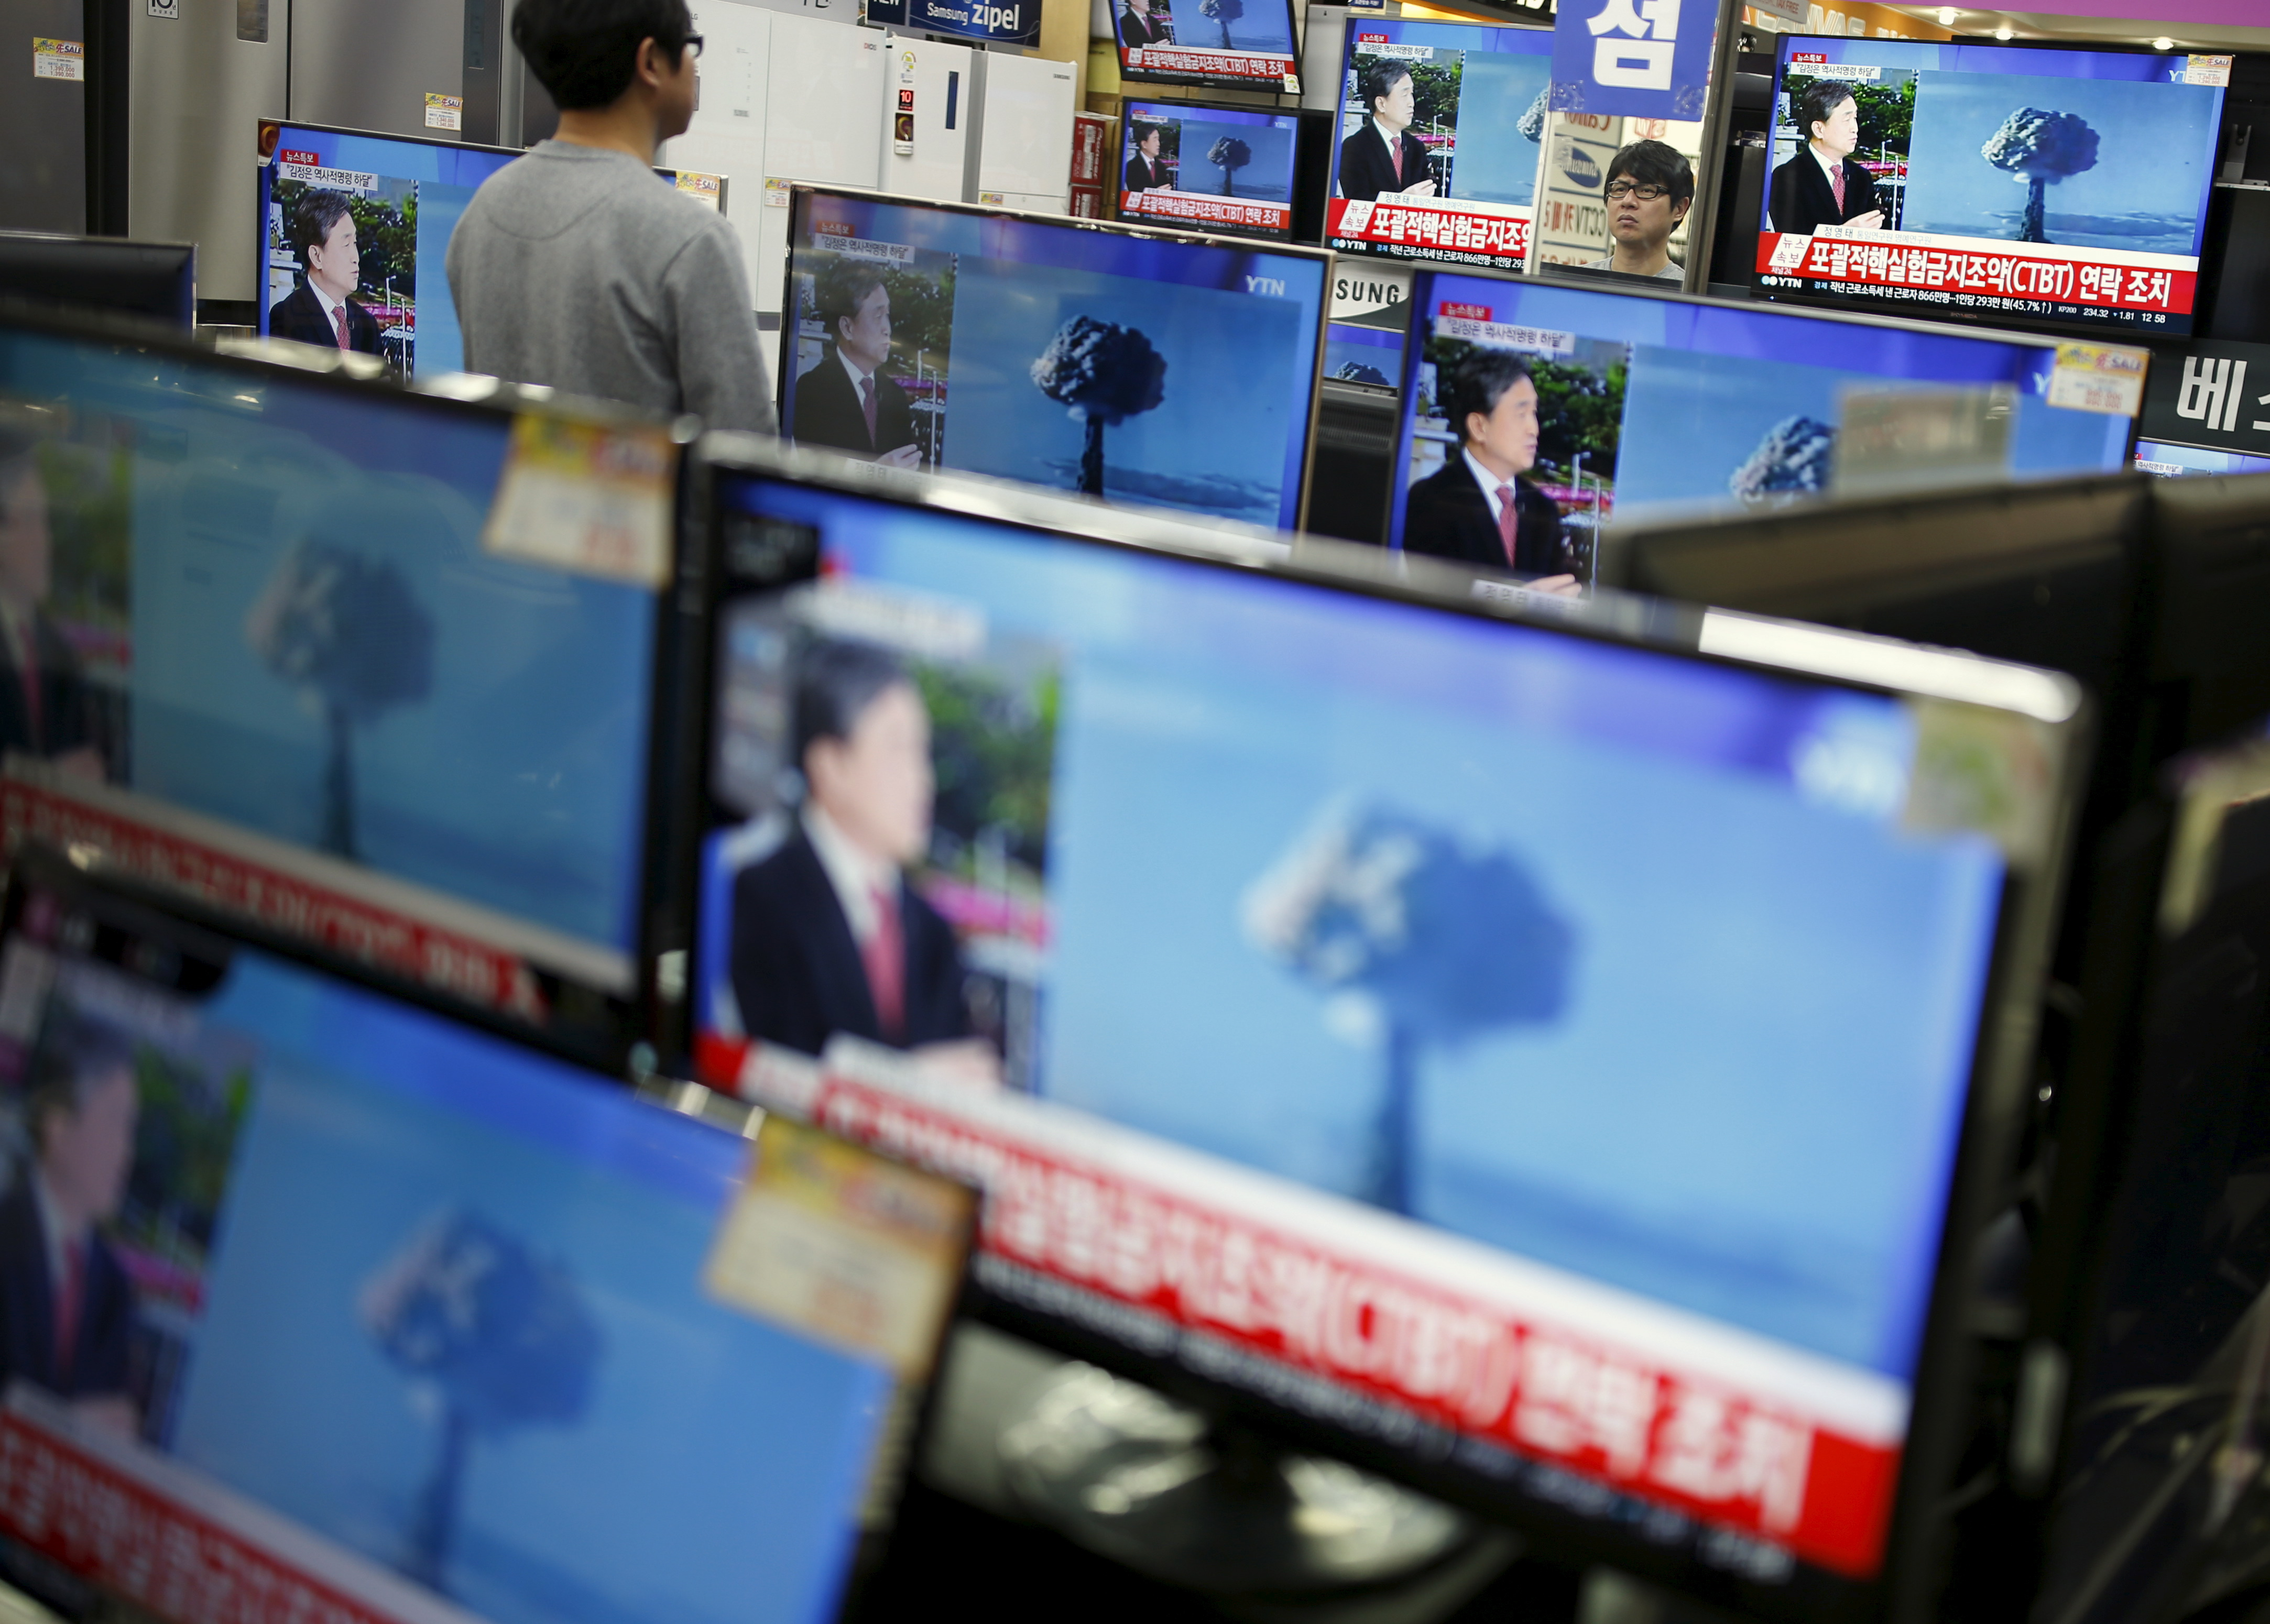 Телевидению стали доверять меньше четверти россиян